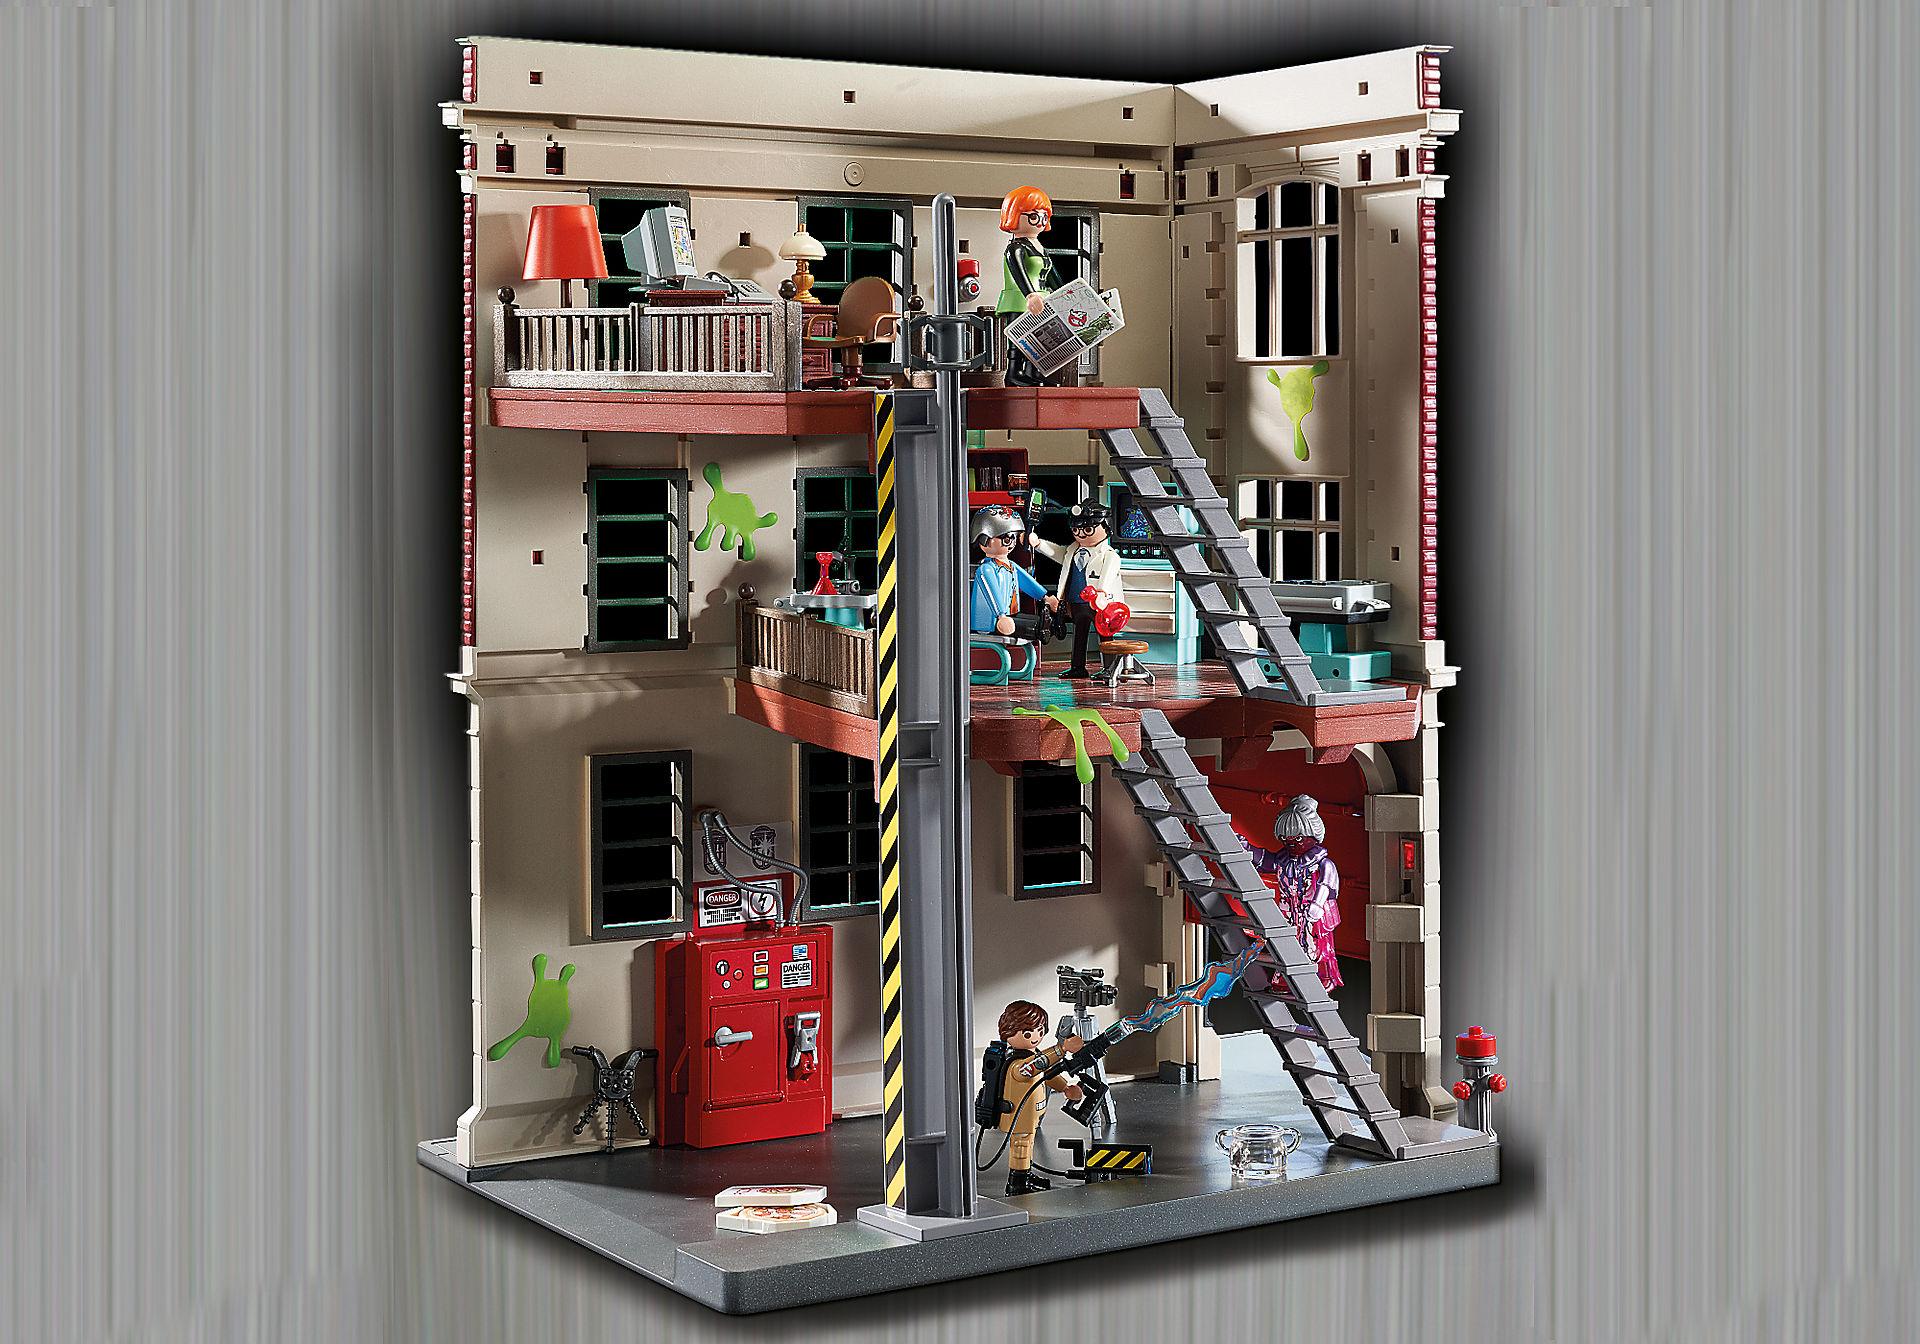 9219 Здание пожарной службы zoom image10